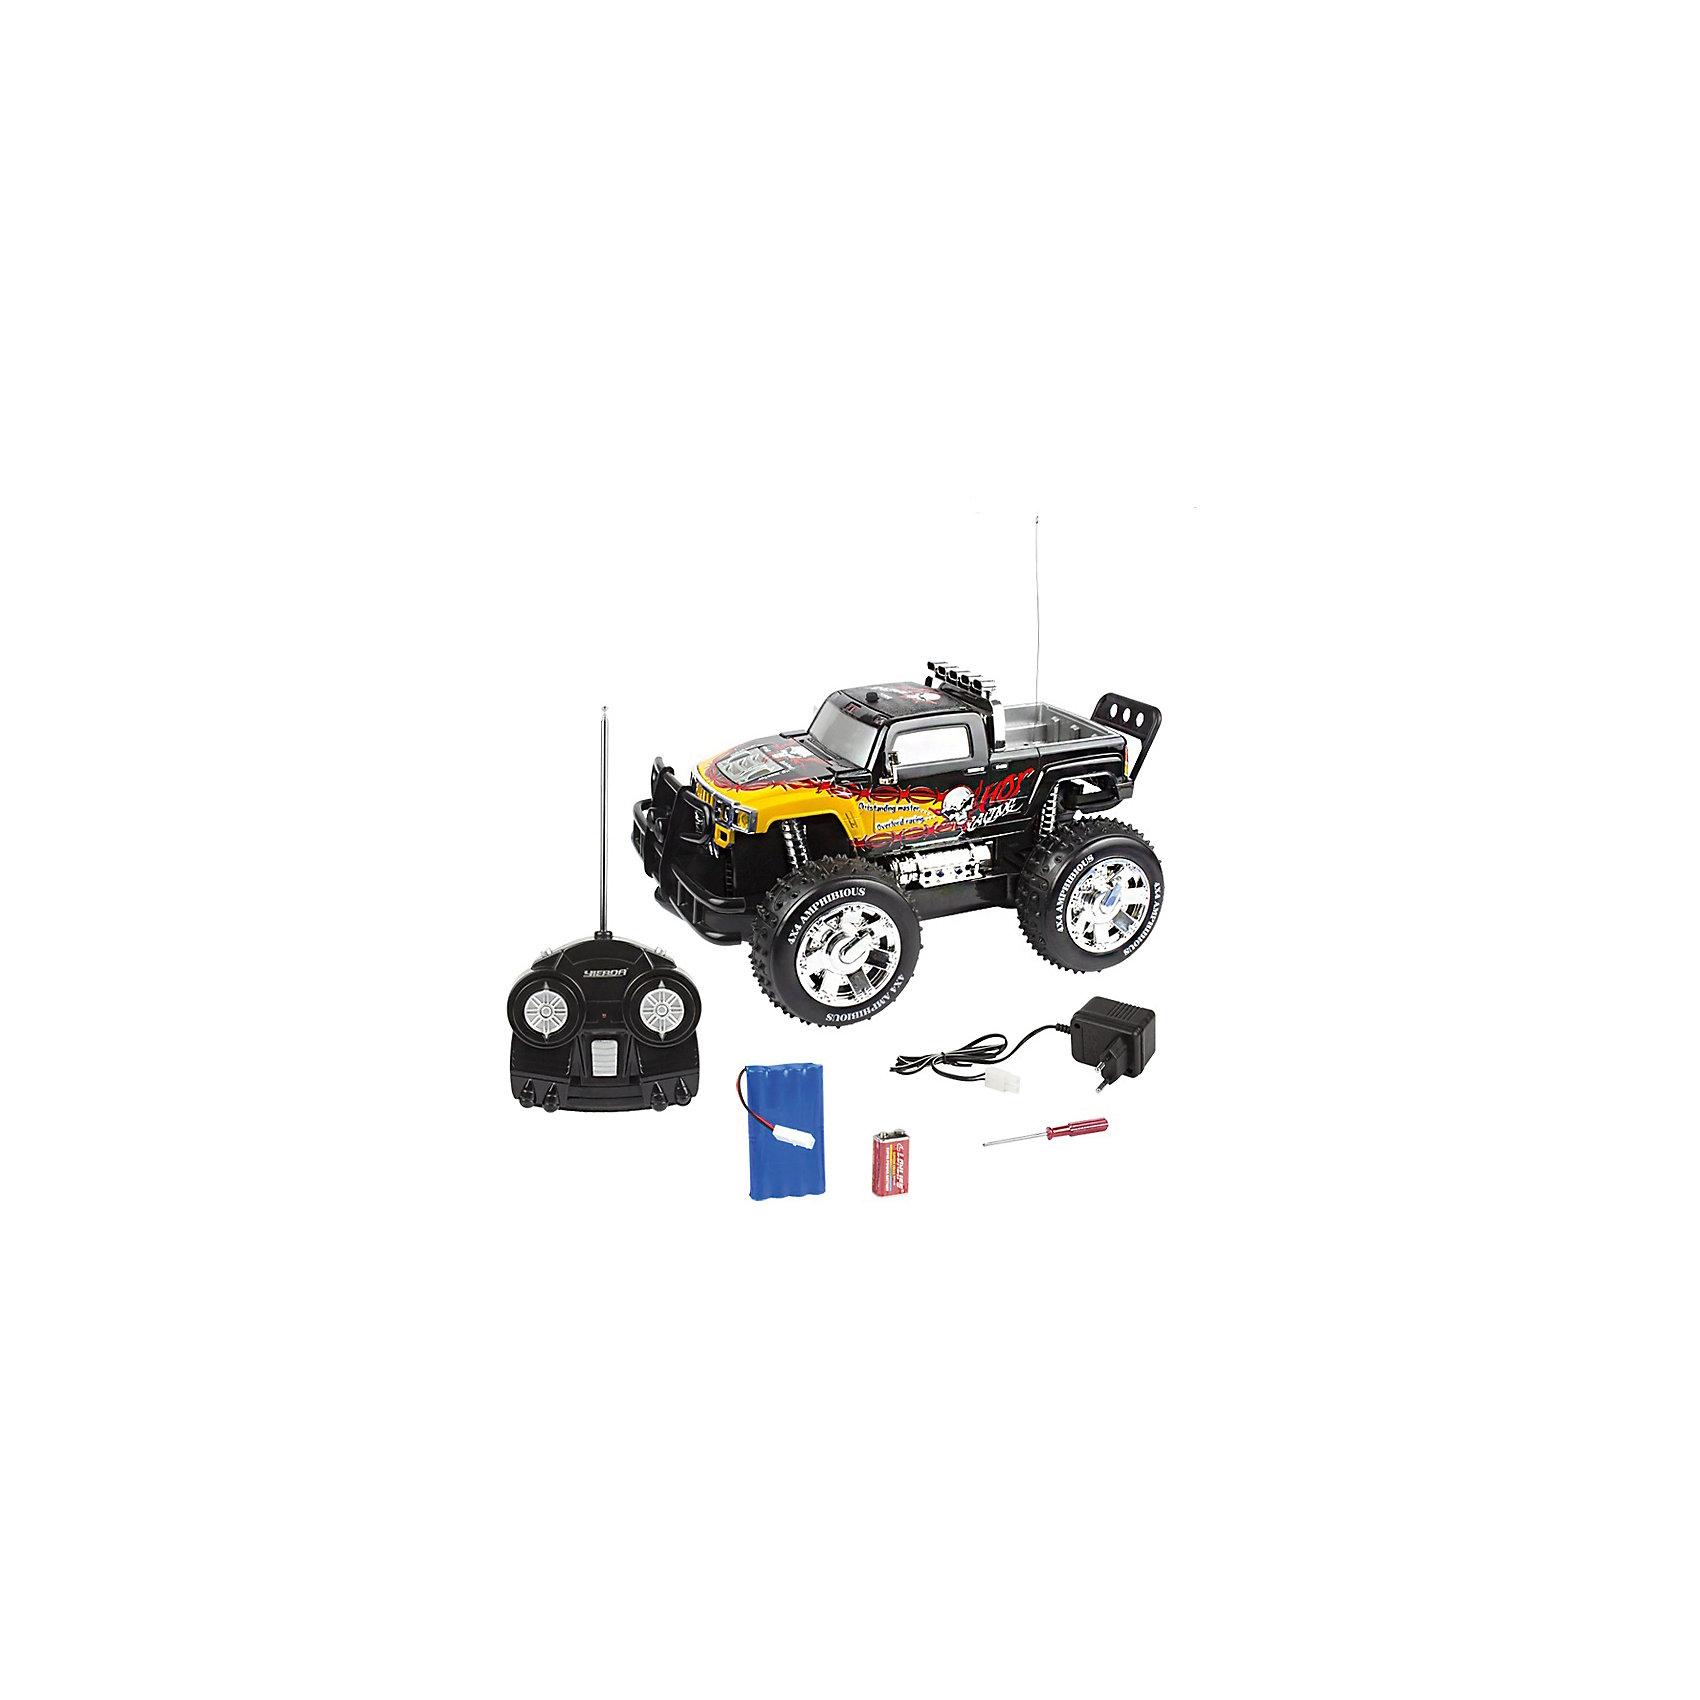 Mioshi Машина-амфибия Тайфун-38, со светом, звуком, на радиоуправлении, Mioshi Army игрушечные машинки на пульте управления по грязи купить